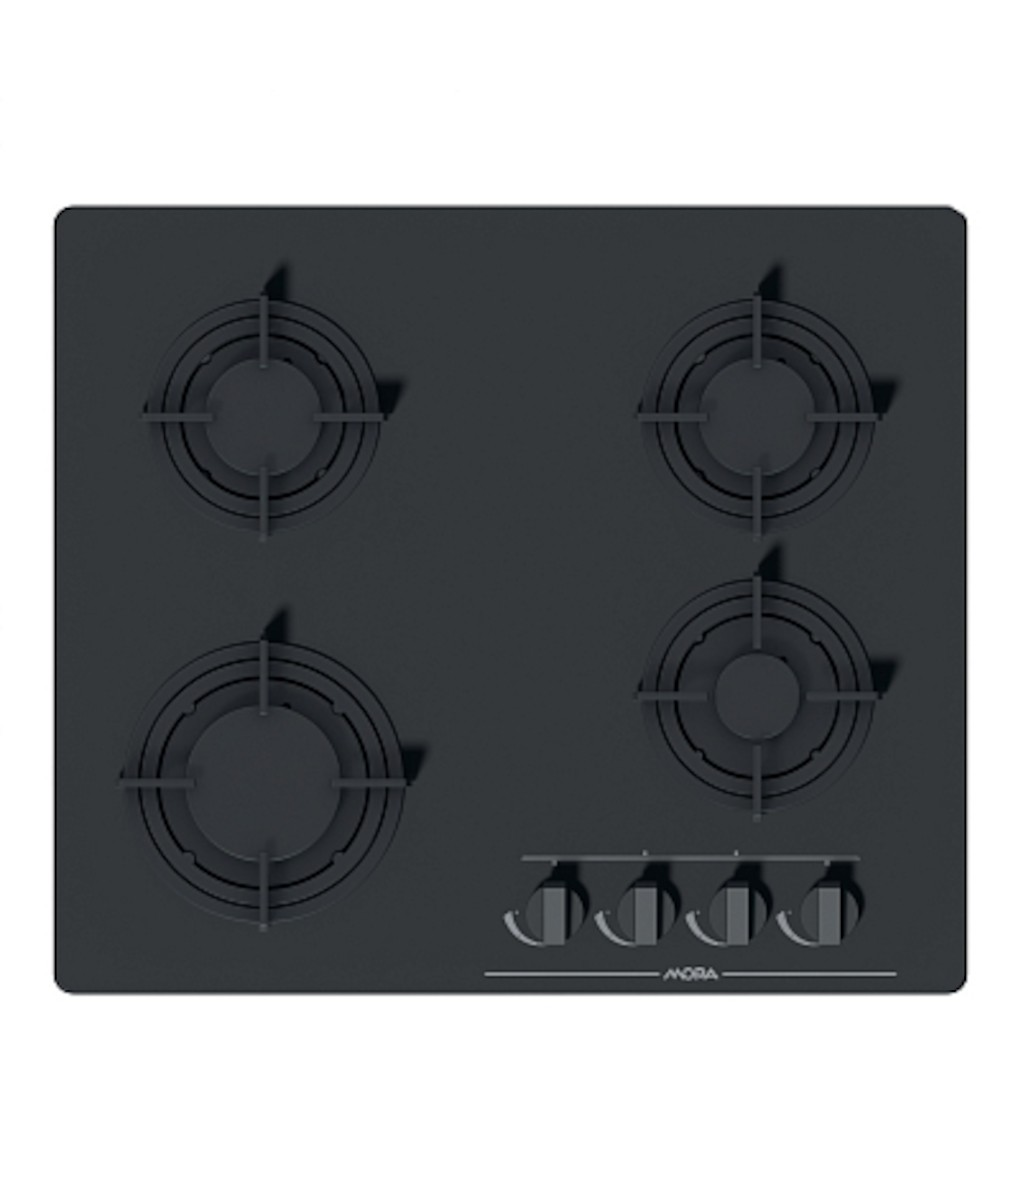 Plynová varná doska Mora čierna VDP645GB3